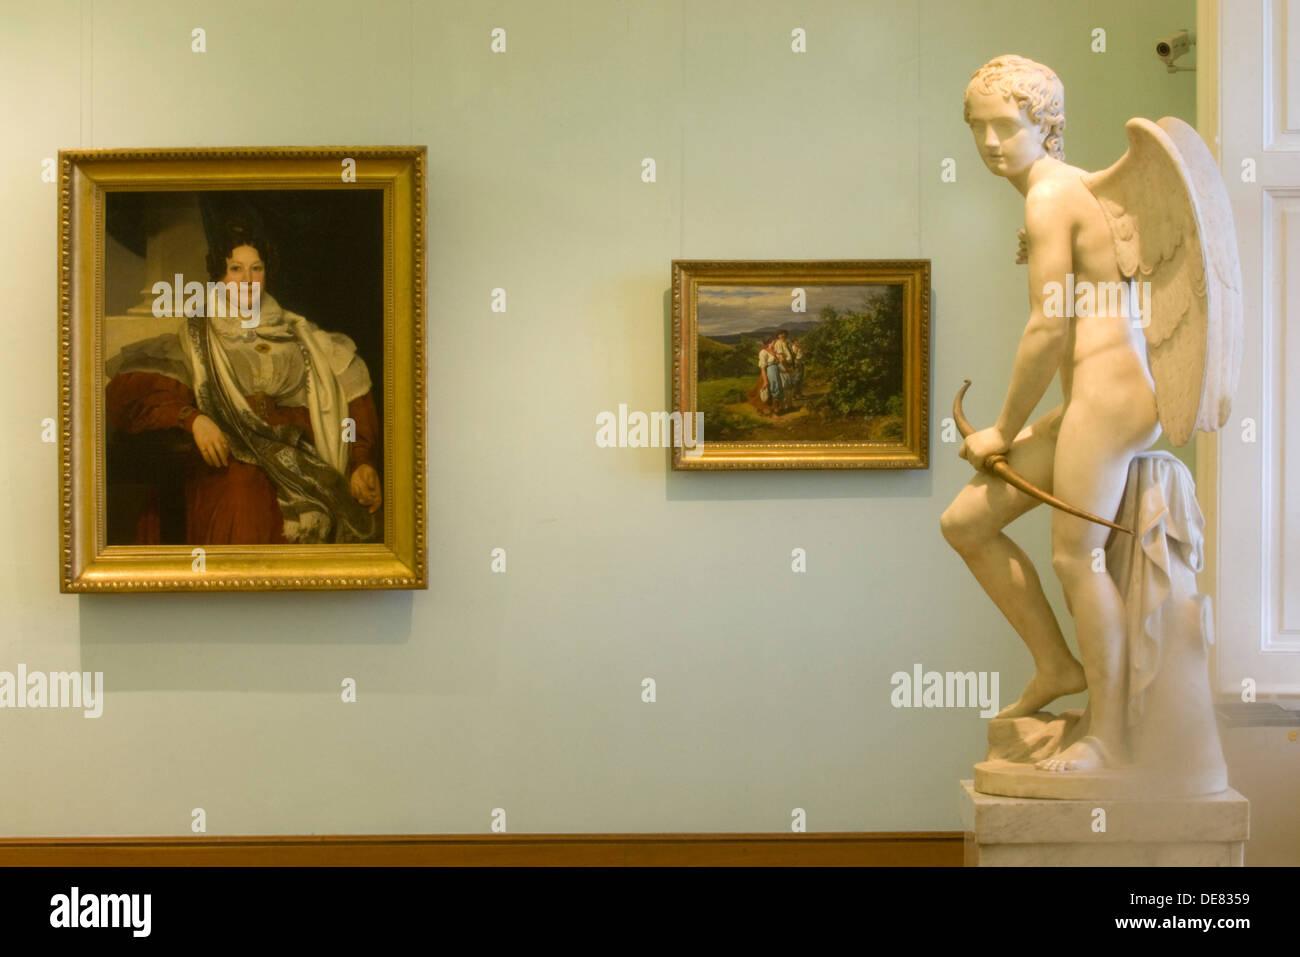 Österreich, Wien 3, Schloss Belvedere, Oberes Belvedere, Austellungsraum - Stock Image